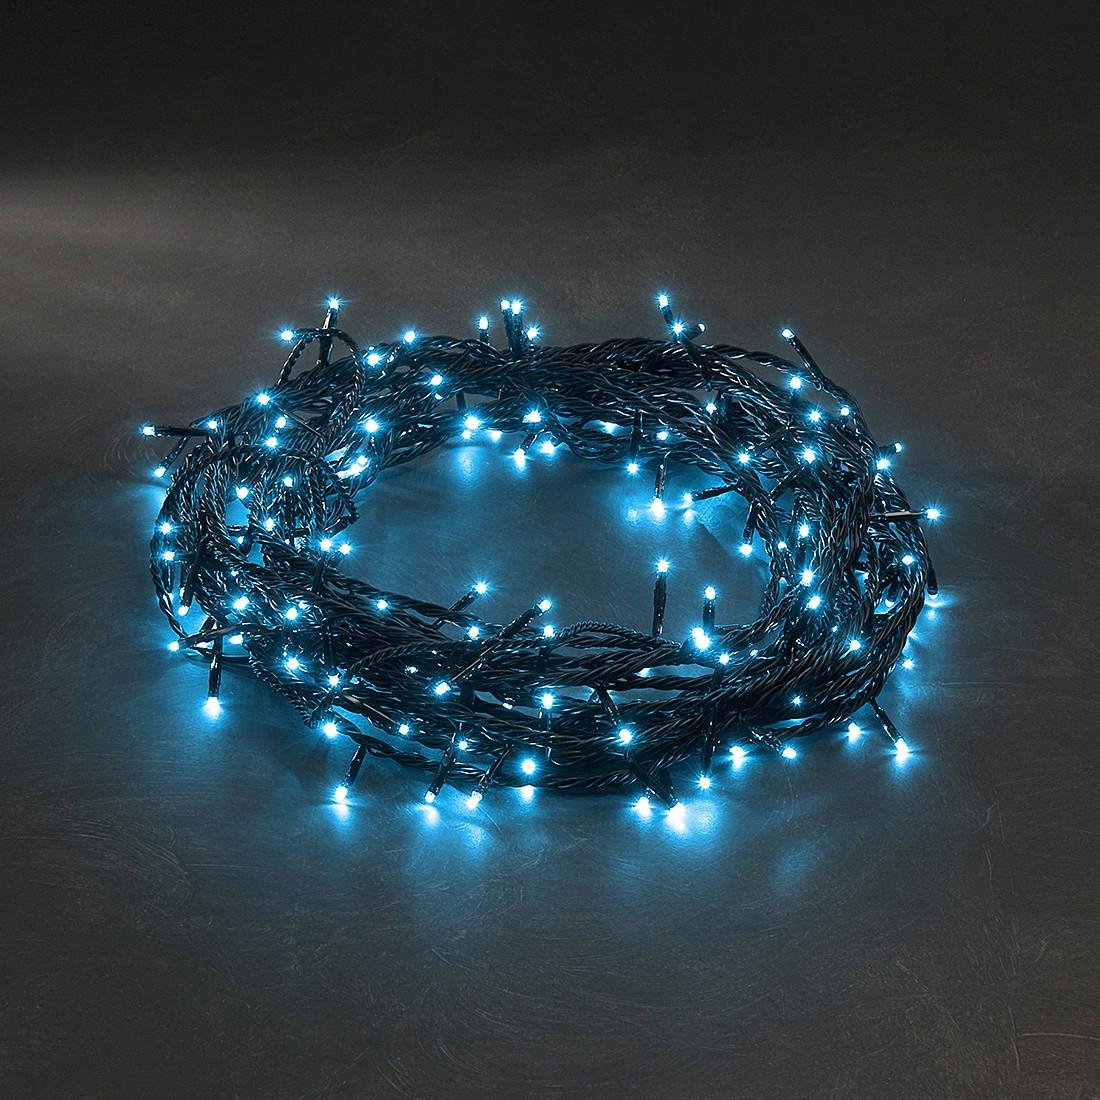 EEK A+, Micro LED Lichterkette – 40 hell blaue Dioden – Außen, Konstsmide jetzt kaufen